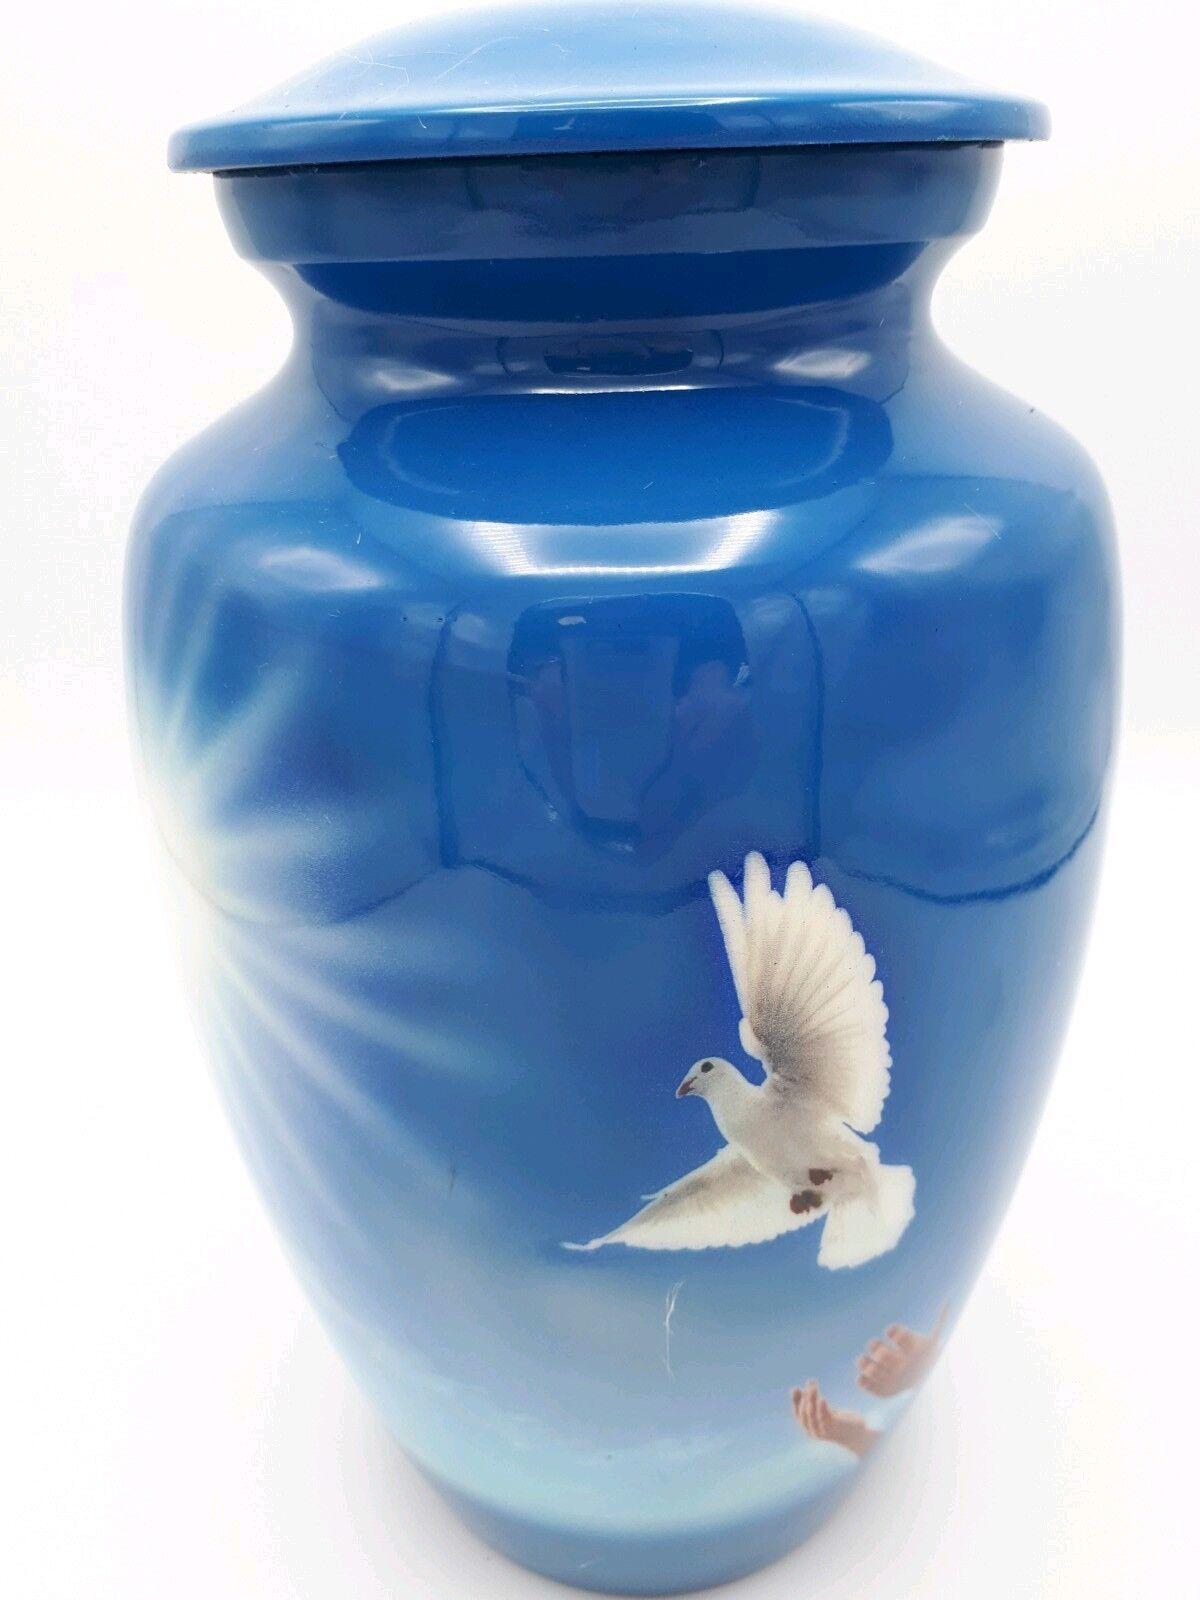 Adulte Aluminium Crémation Cendres-Bleu Urne Pour Cendres-Bleu Crémation avec belle colombe blanche 39826d